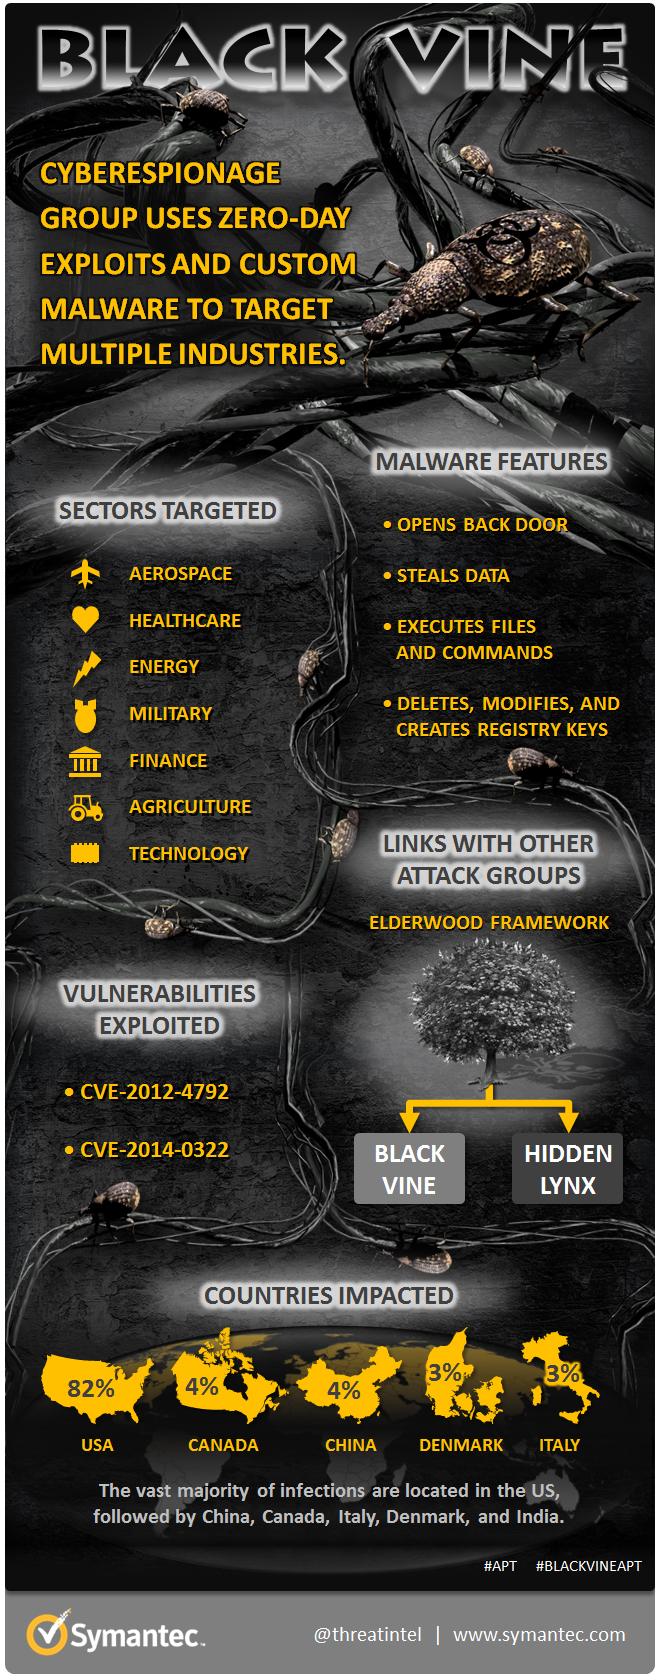 blackvine-infographic.jpg